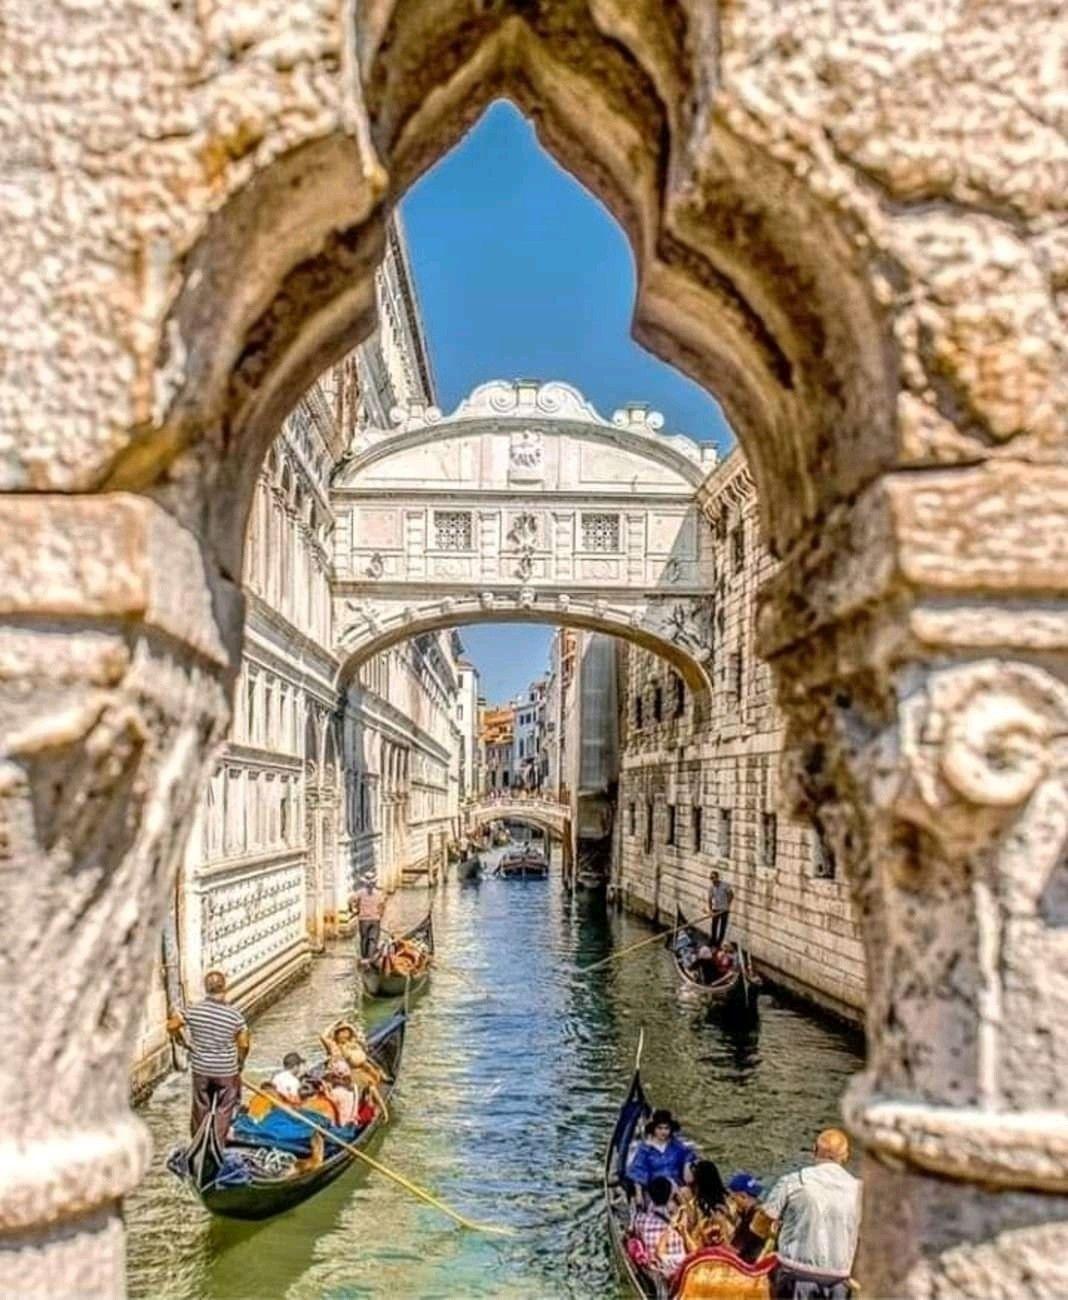 Vista Del Canal Y Puente De Los Suspiros Venecia Italia Viajar A Italia Paisajes De Italia Puente De Los Suspiros